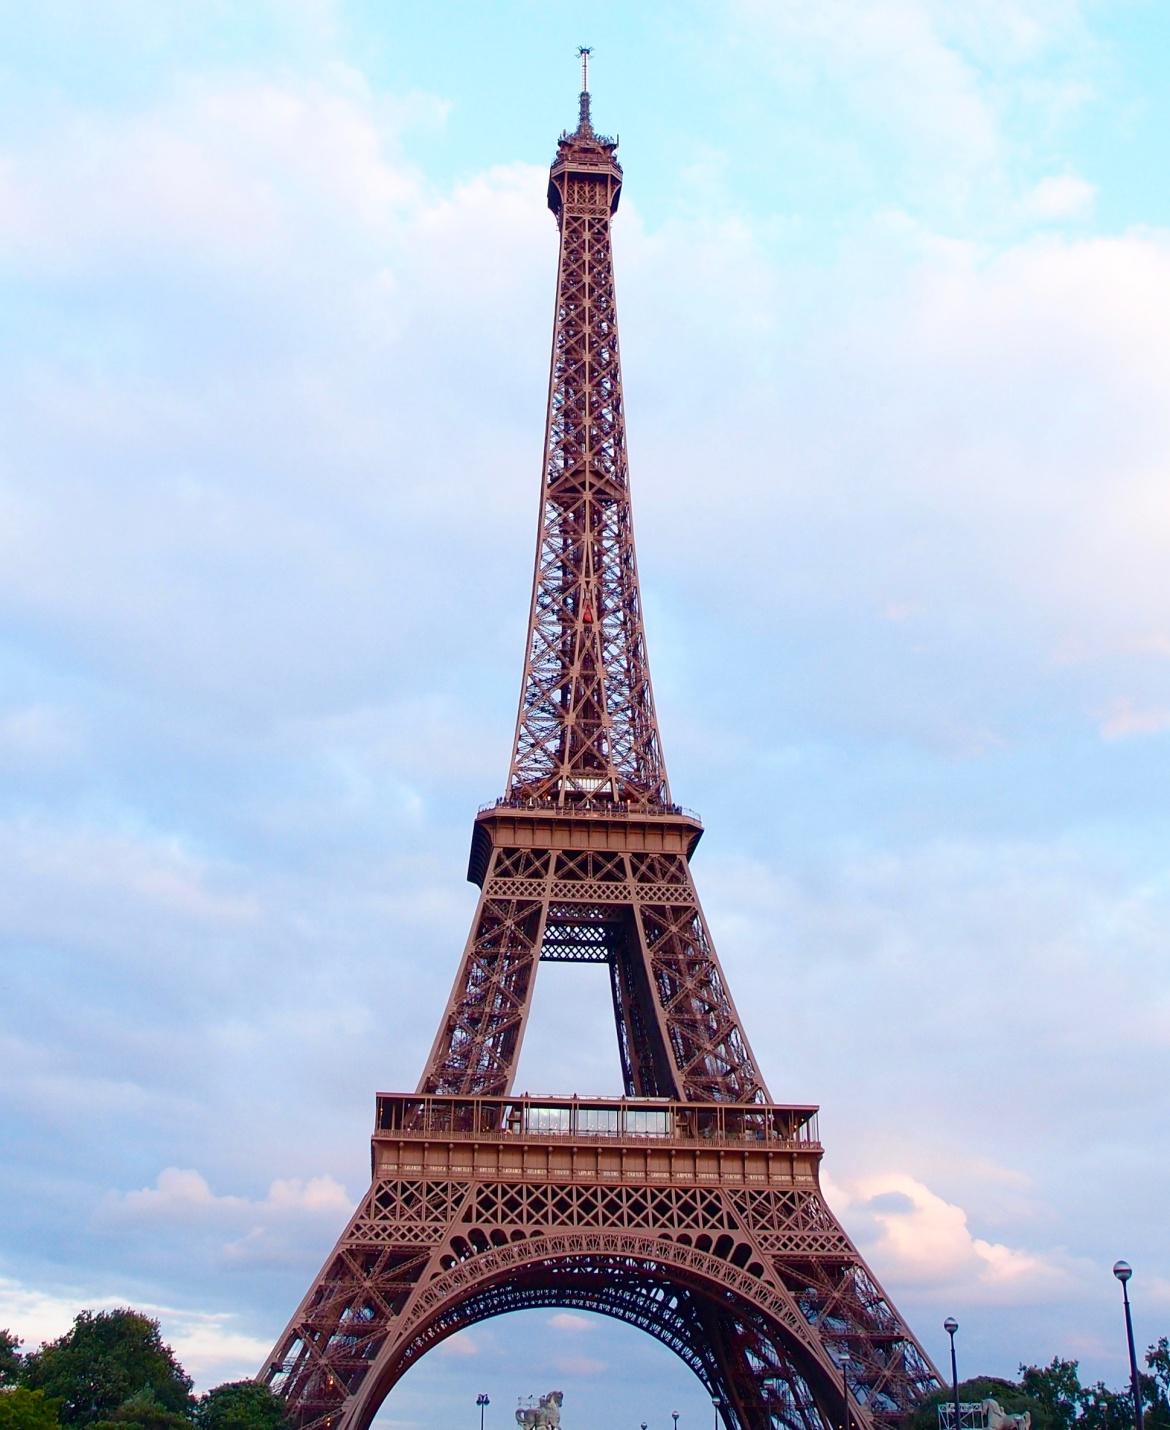 Eiffel Tower http://iamsherrelle.com